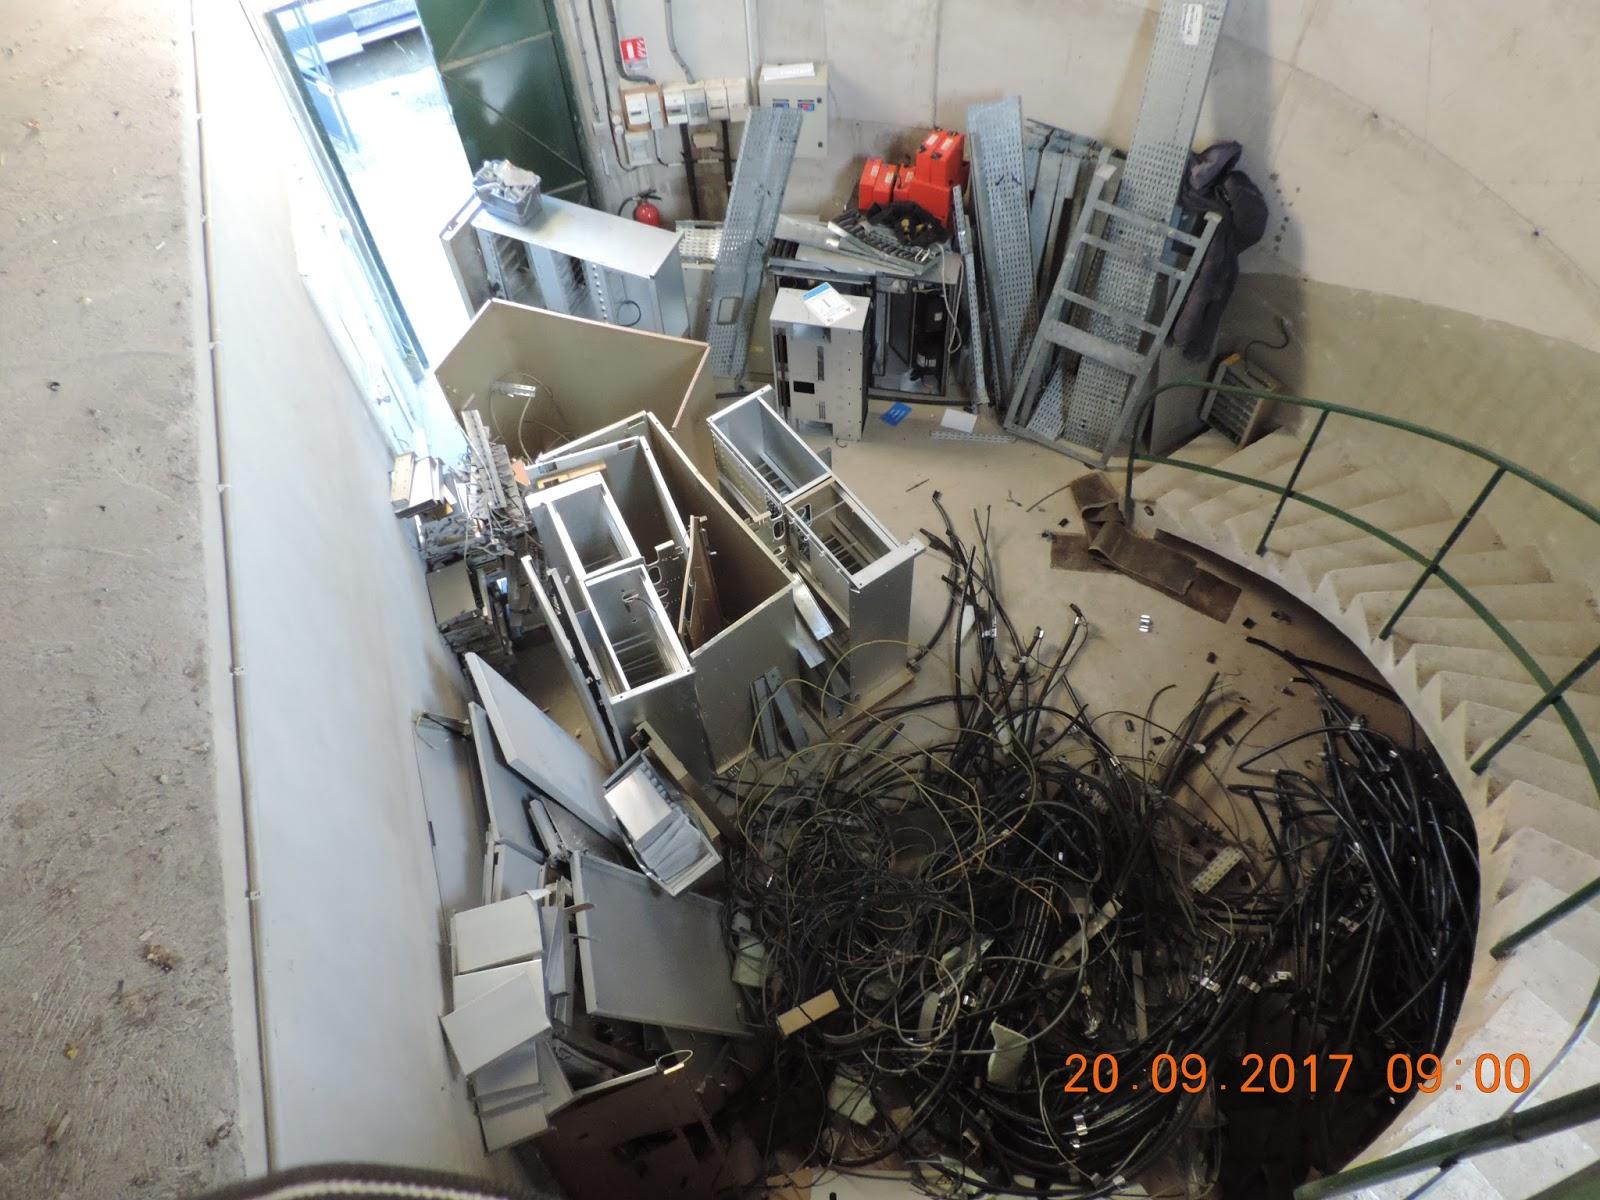 Un m t pour les ondes villeneuve de la raho 66180 2017 for L interieur d un chateau d eau